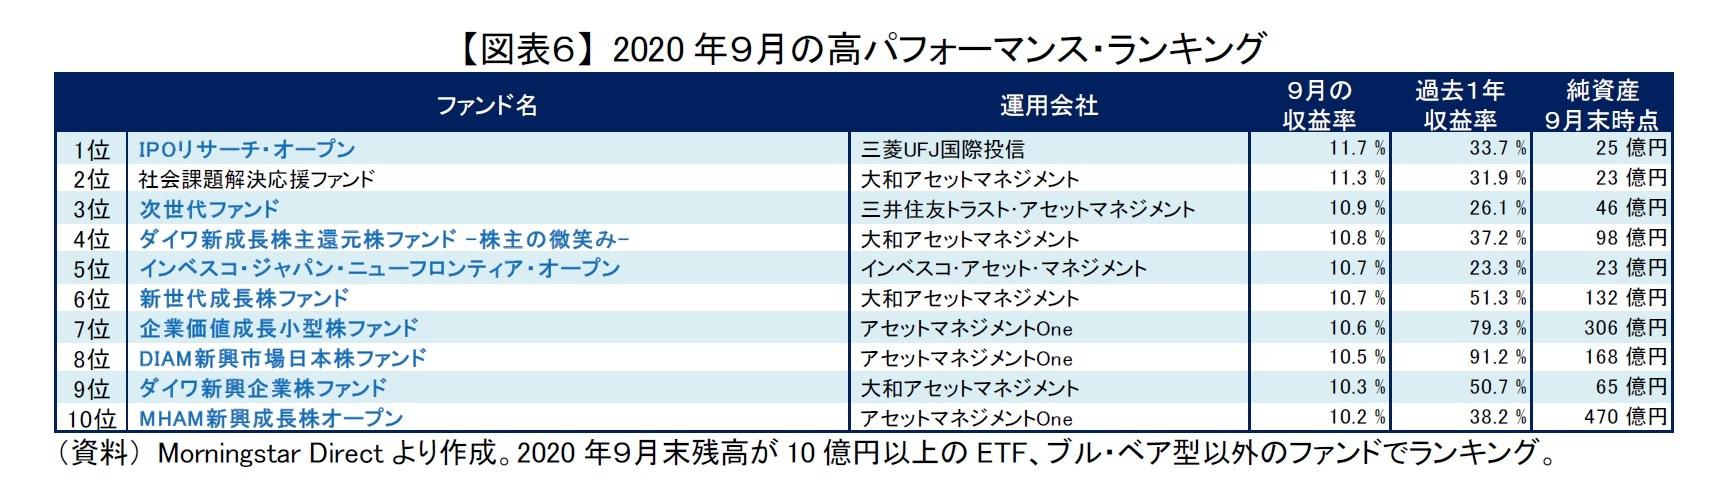 【図表6】 2020年9月の高パフォーマンス・ランキング